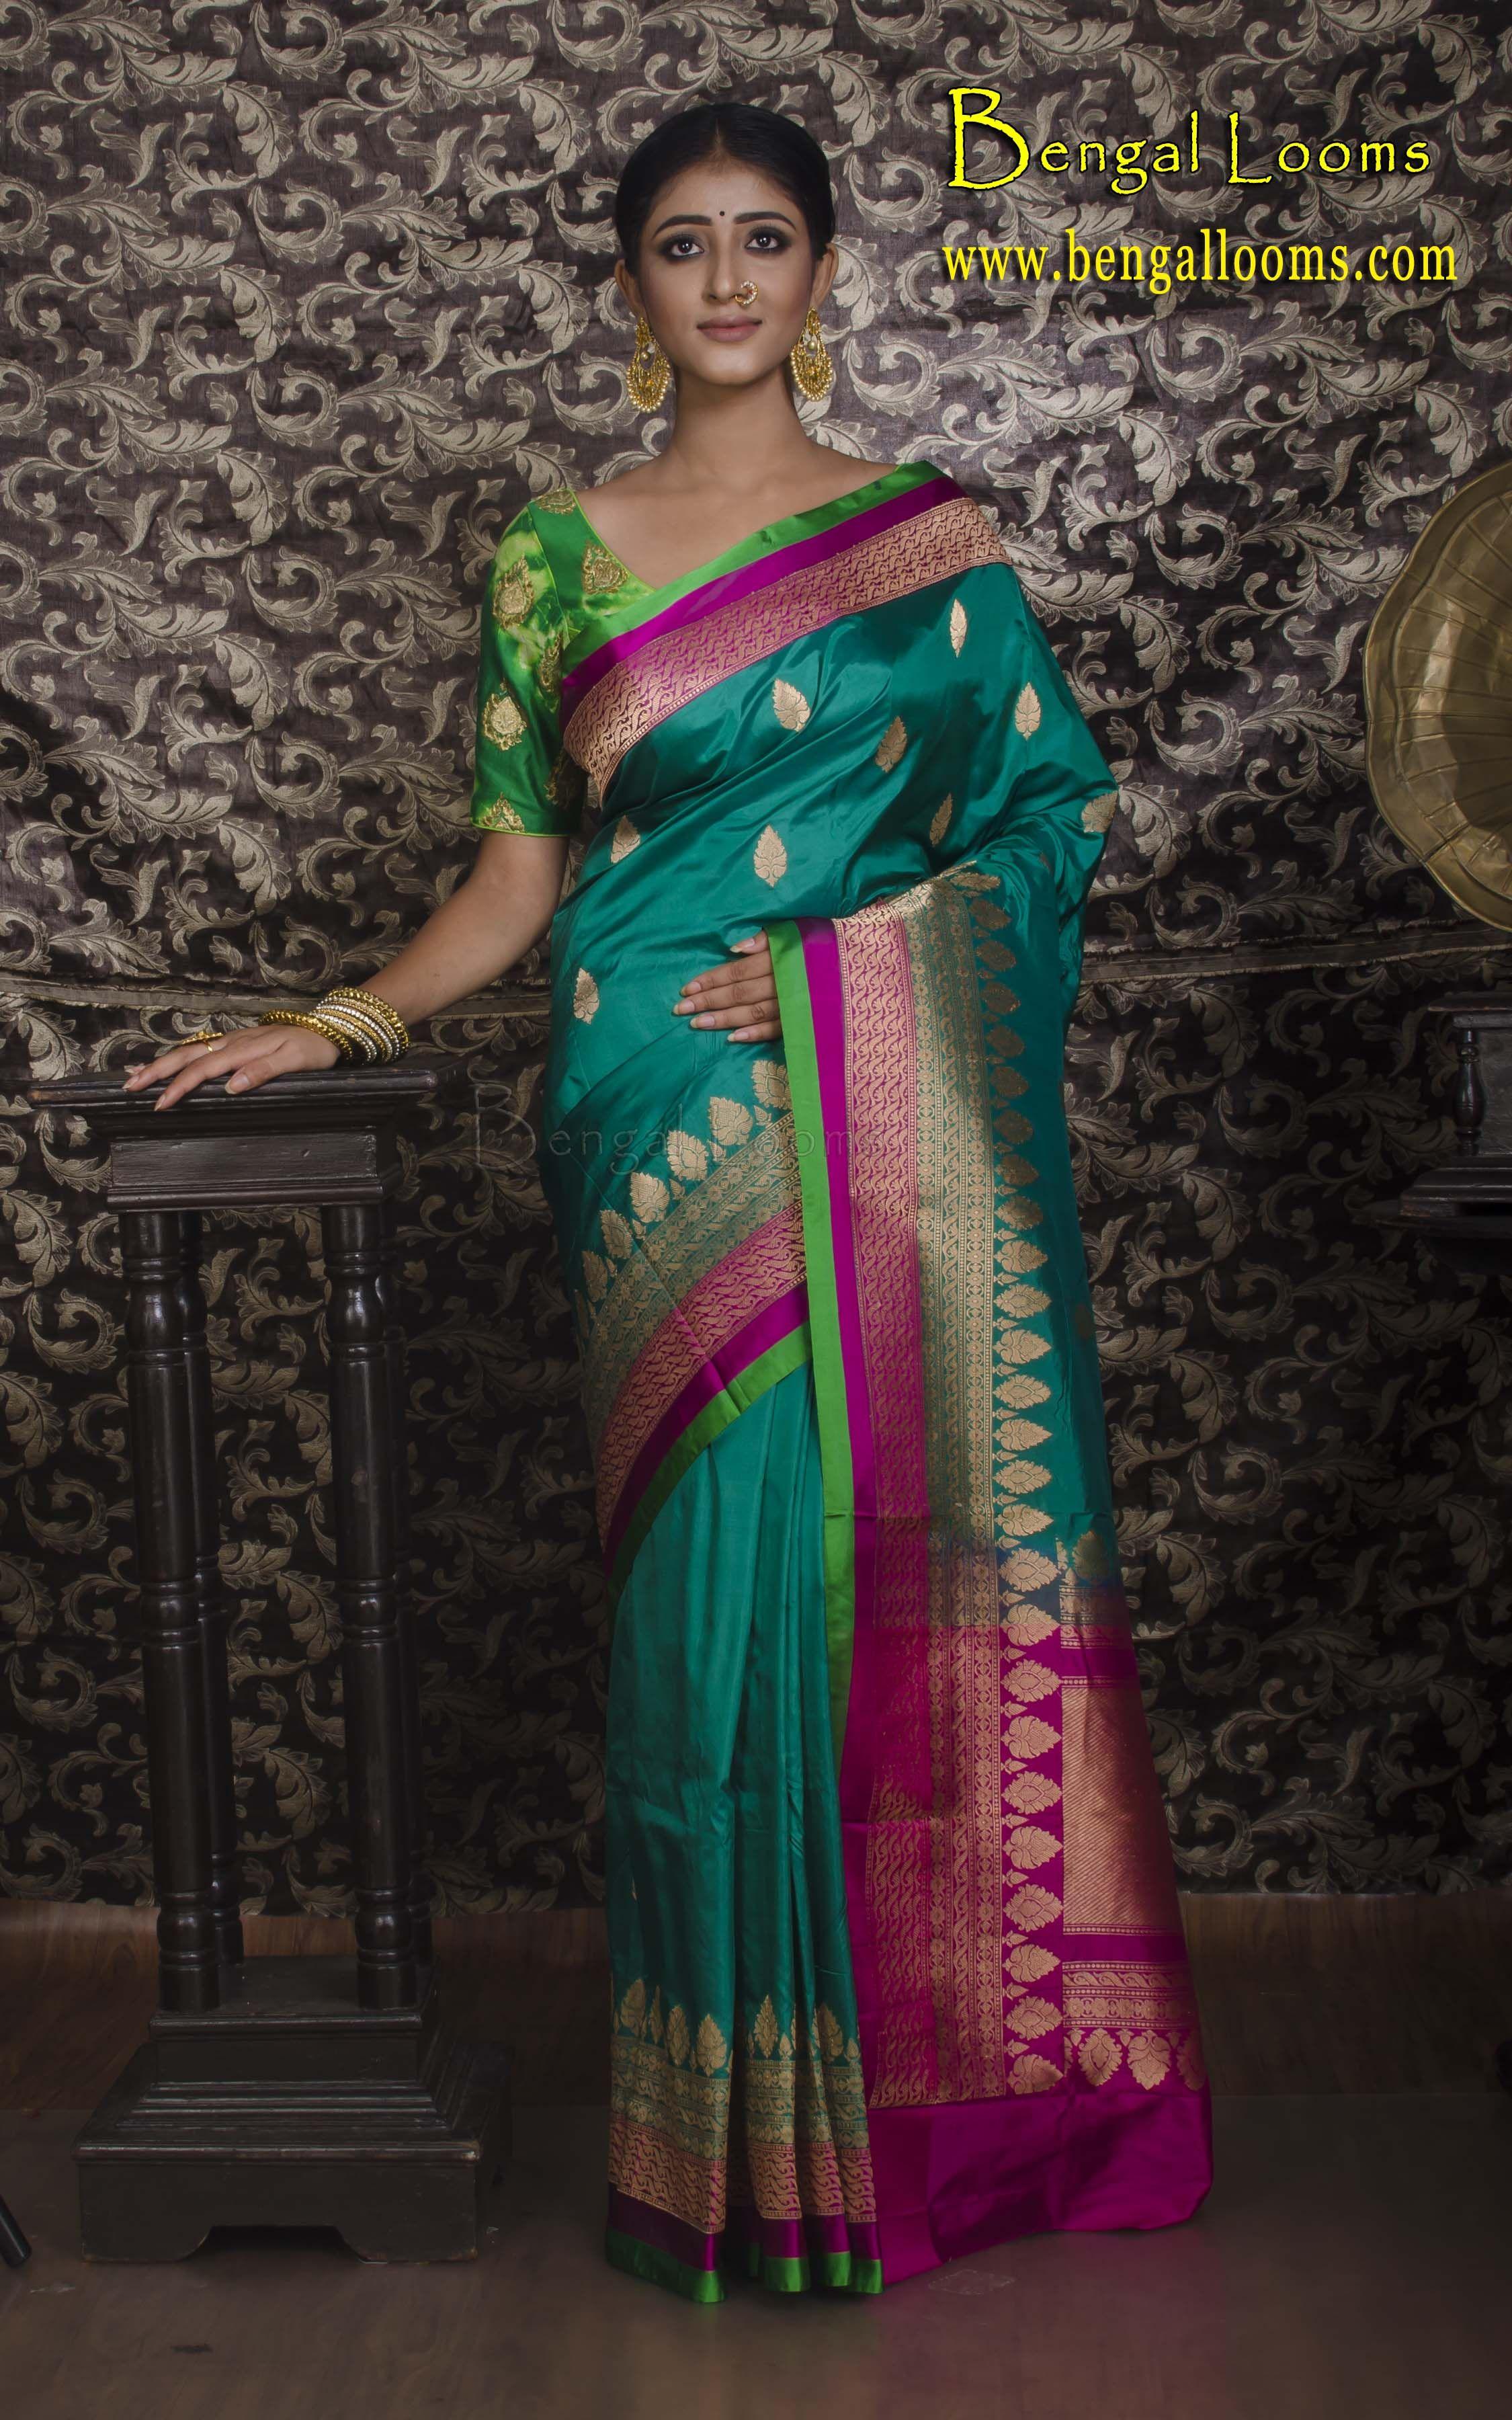 Traditional Designer Bollywood Style Bridal Saree Green pure banarasi silk sari Banarasi Soft Silk Saree Indian Wedding Saree for Women